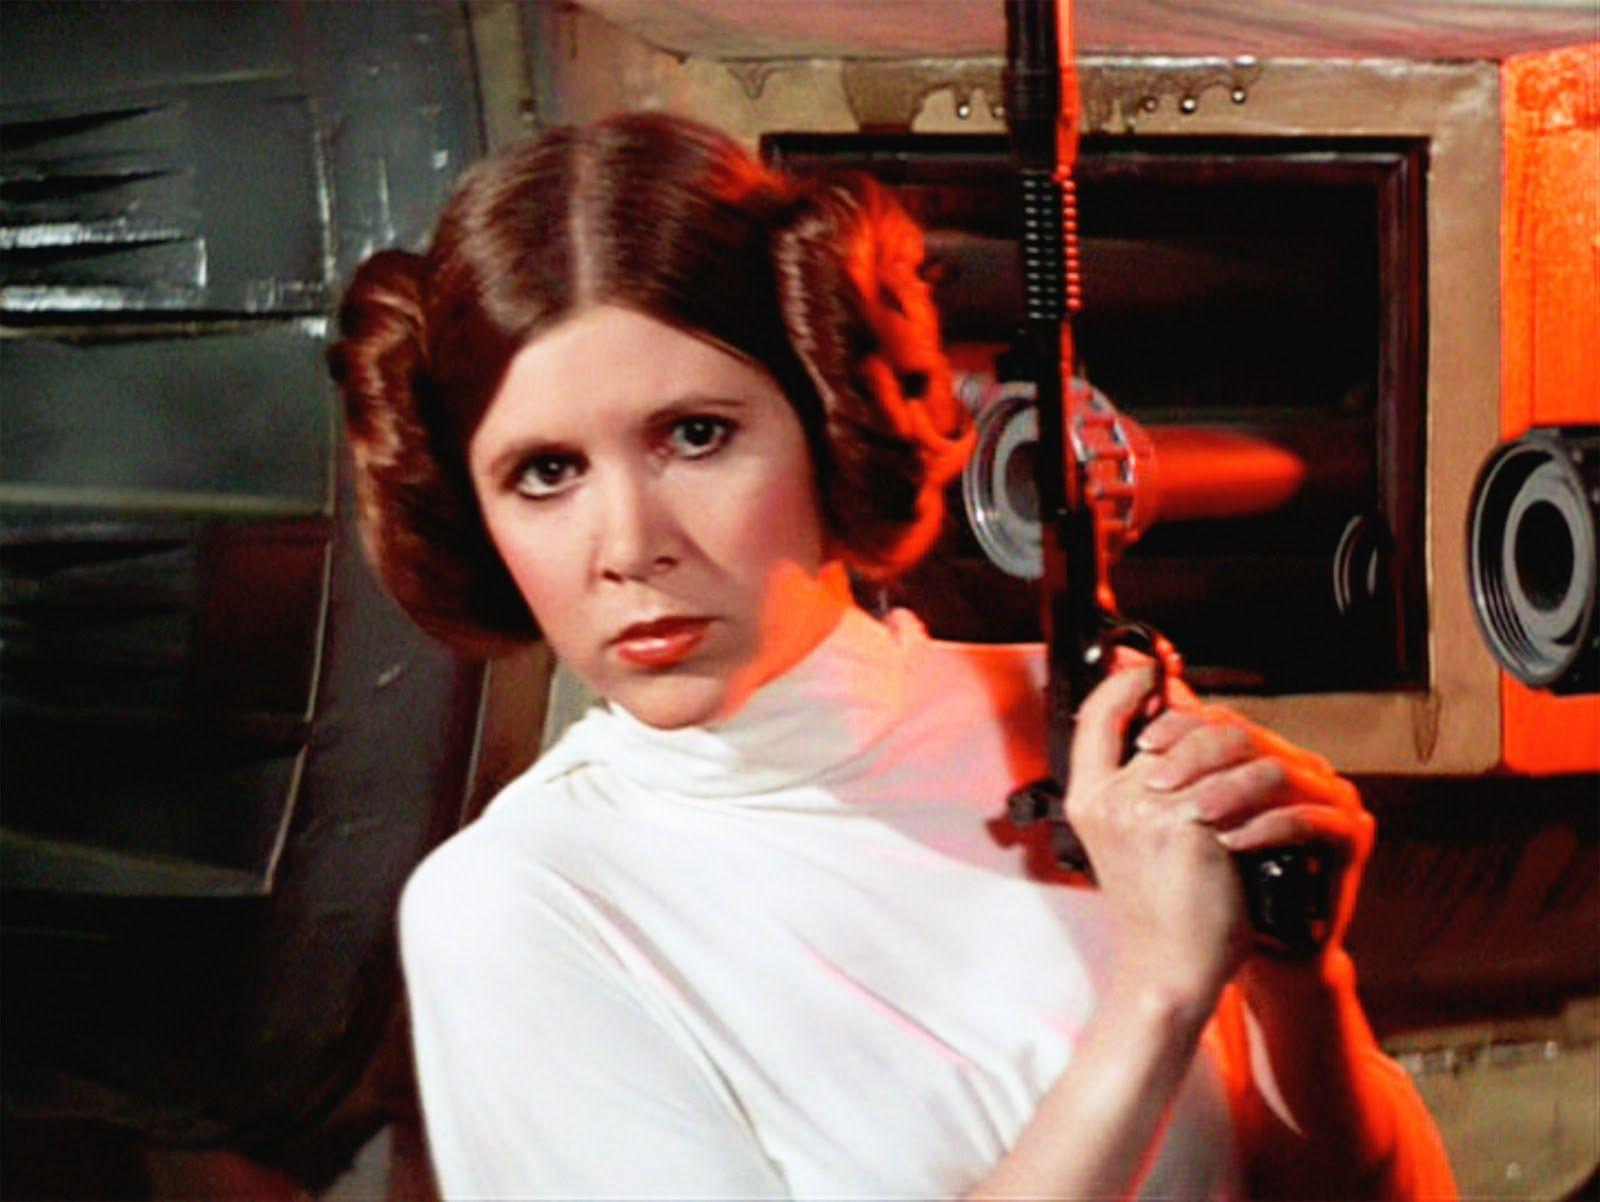 ¿Quién adopta a Leia, por lo que se convierte en princesa y senadora?